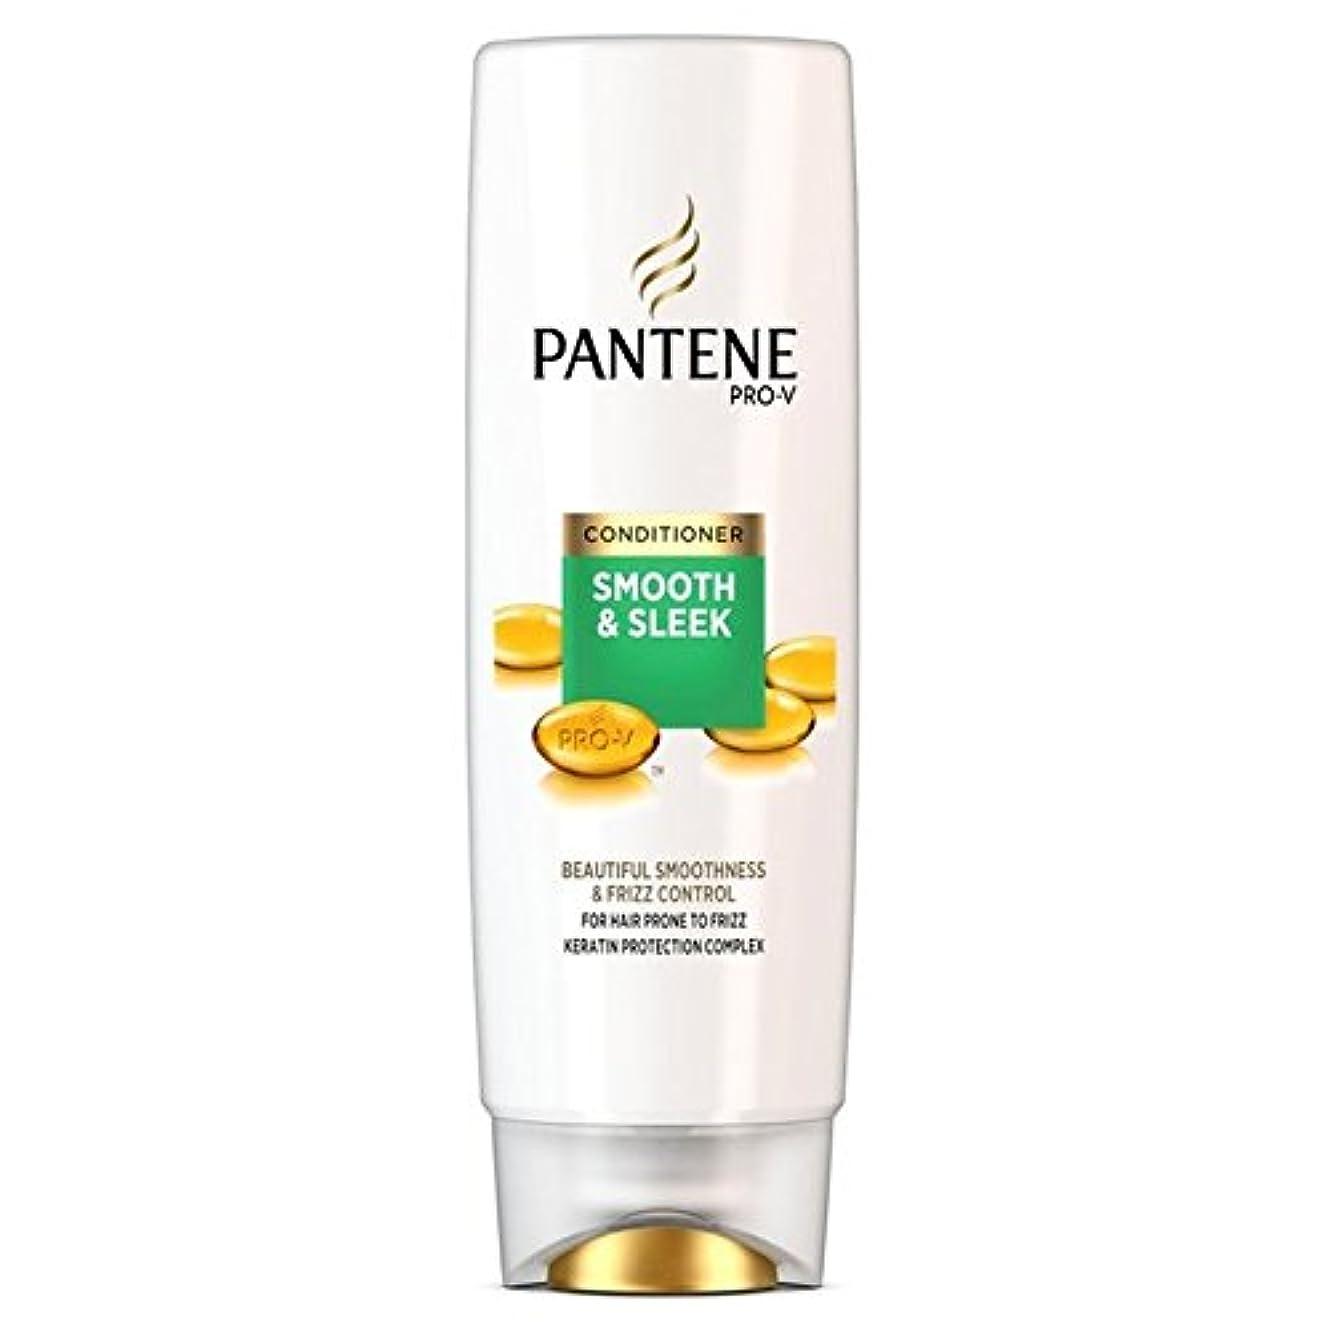 ハチ痛み識字Pantene Conditioner Smooth & Sleek For Hair Prone to Frizz 250ml - パンテーンコンディショナースムーズ&縮れ250ミリリットルを受けやすい髪になめらかな...